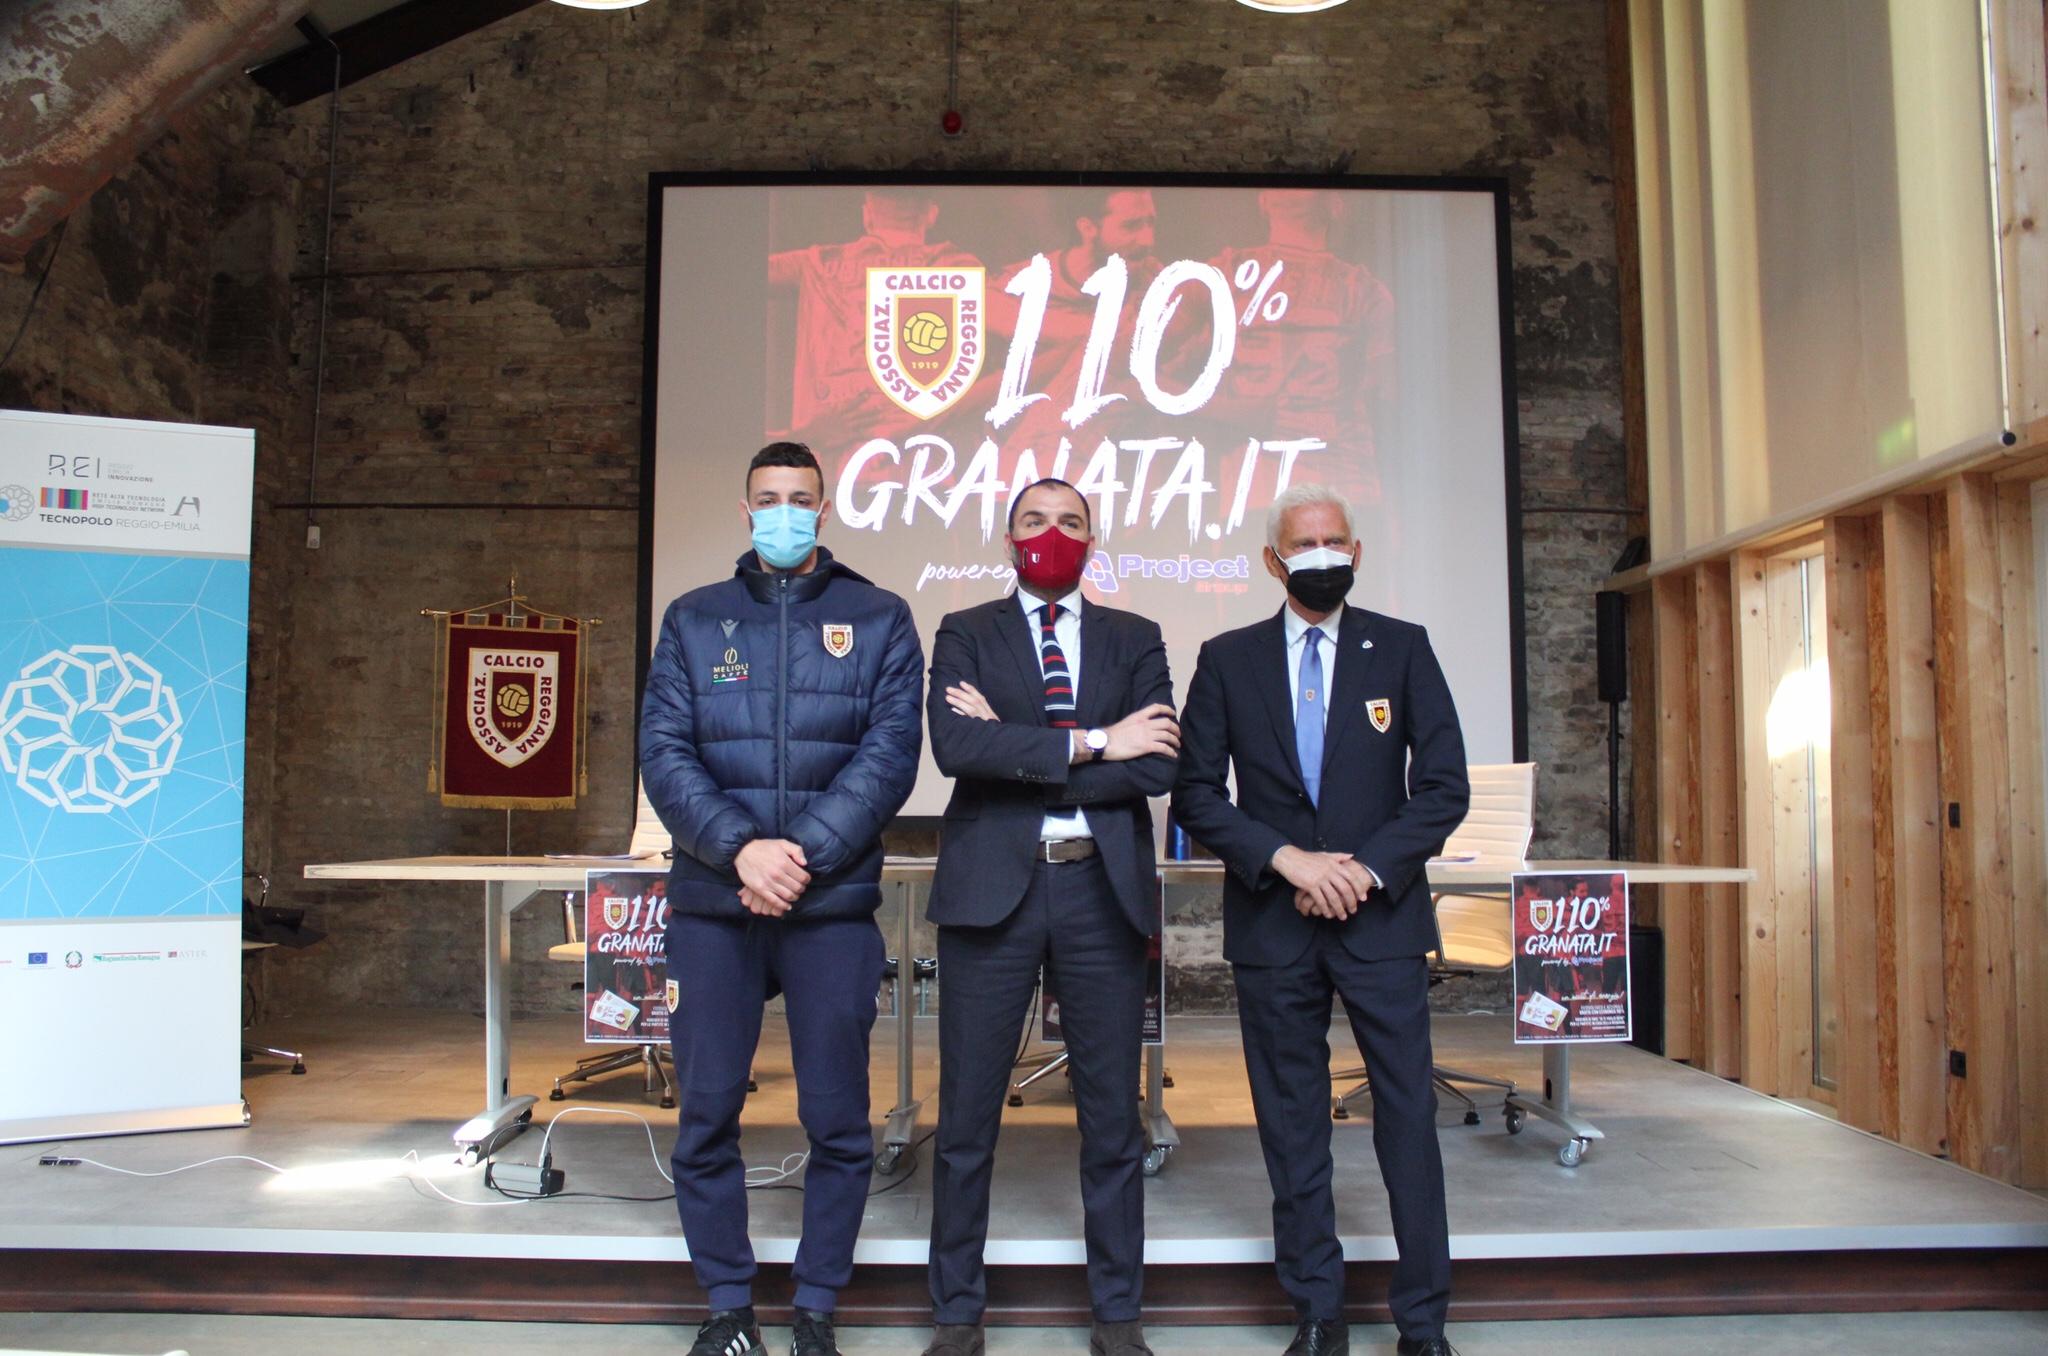 """Project Group premia i tifosi granata: """"110% granata"""""""